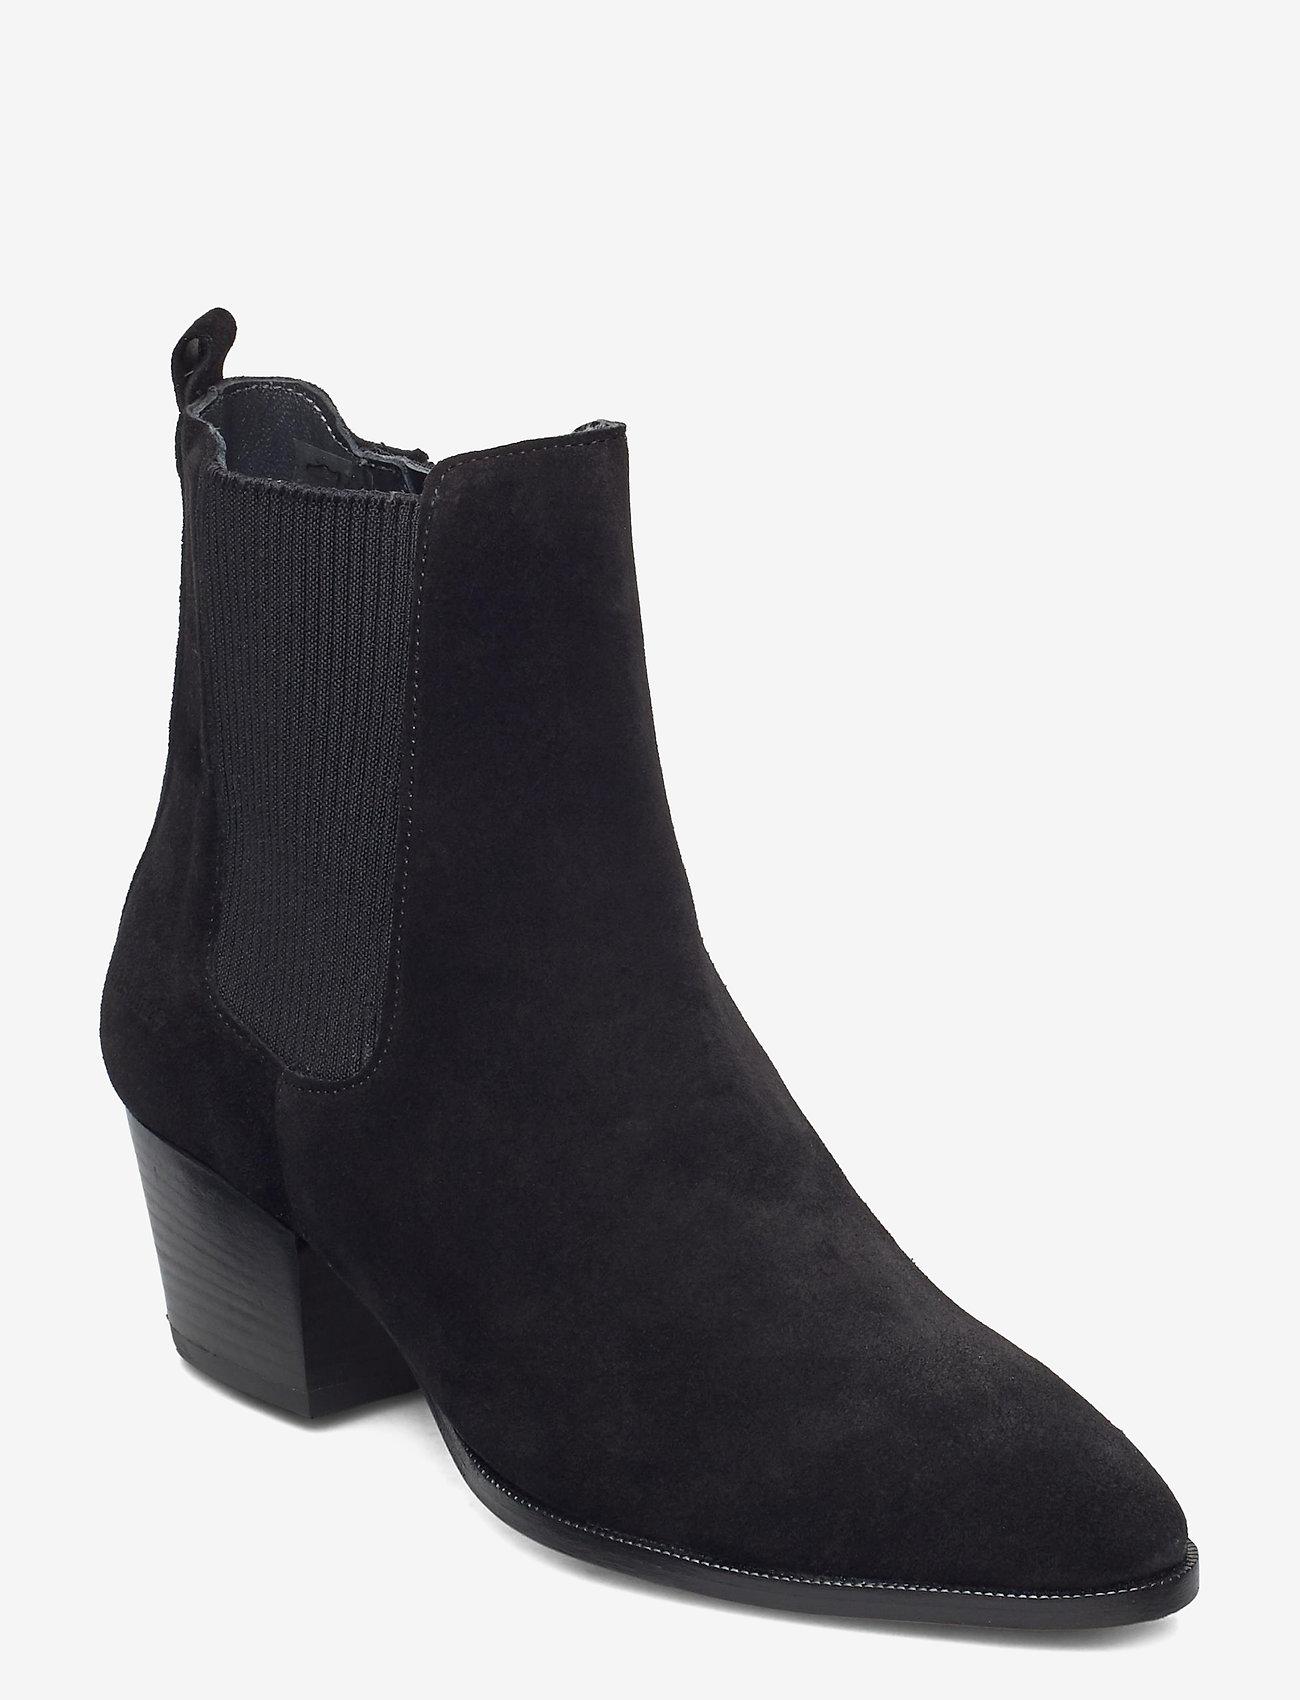 ANGULUS - Booties - Block heel - with elas - stiefeletten mit absatz - 1163/019 black/black - 0